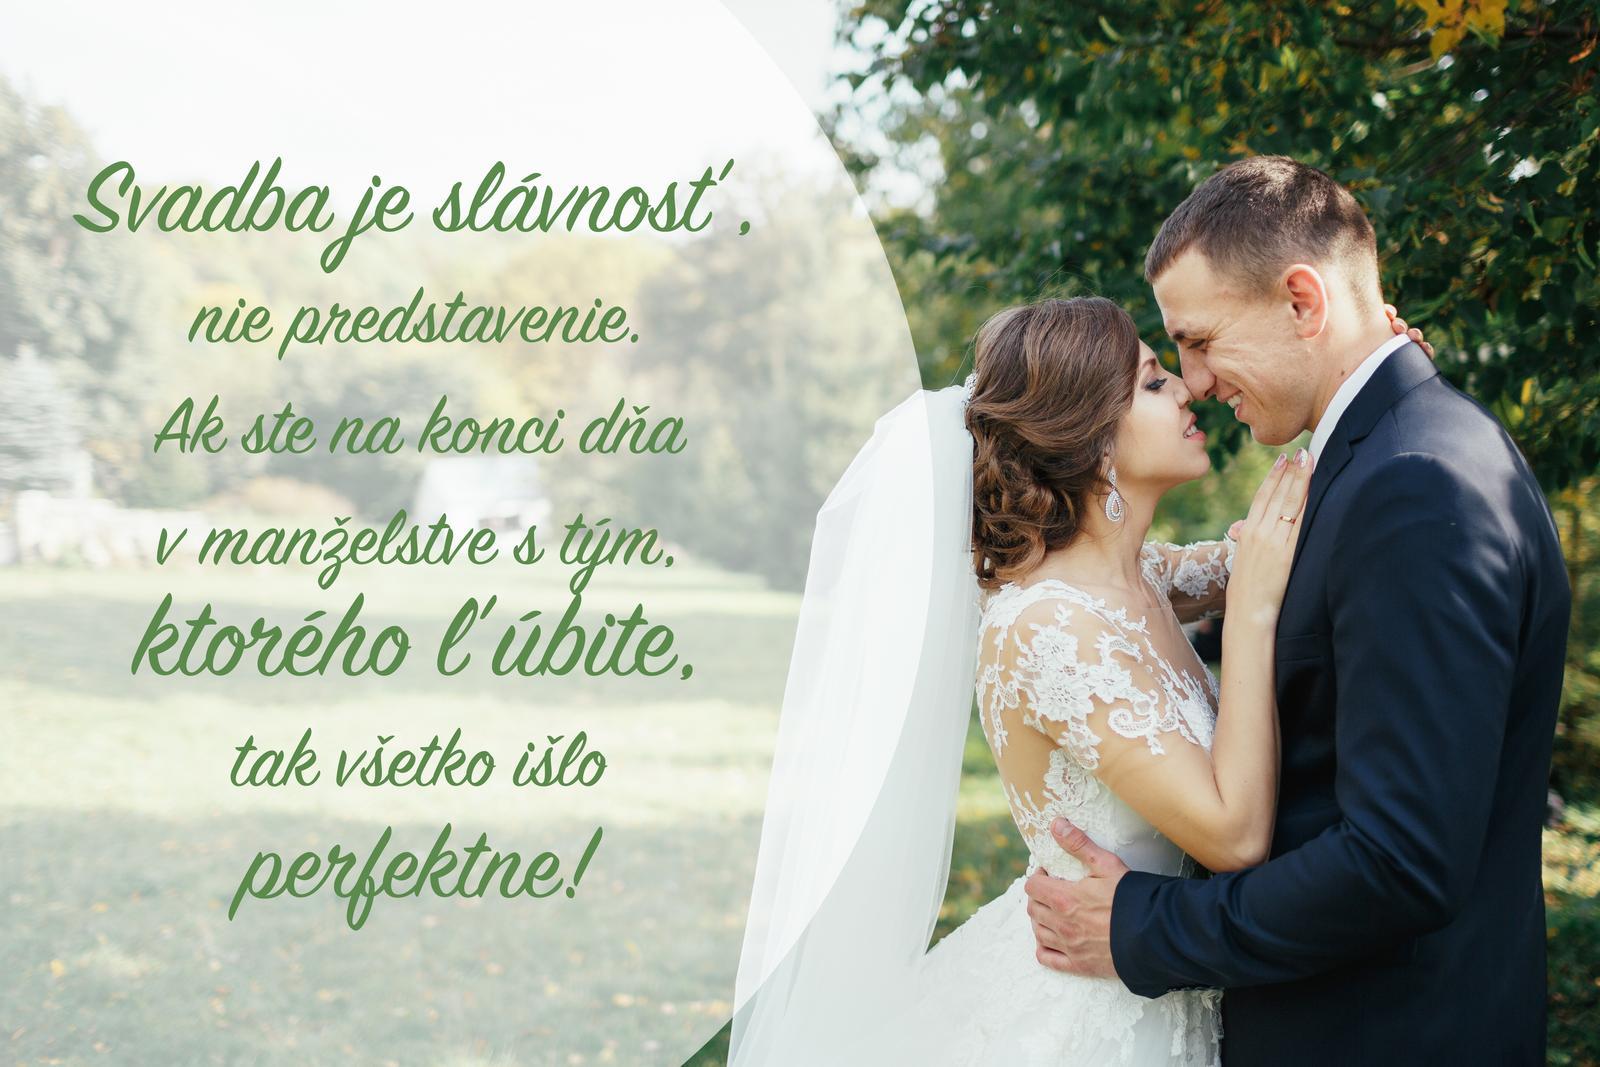 Pridávala som to na našej FB stránke, pridávam aj sem. Nezabúdajte, čo je na svadbe to najdôležitejšie :) - Obrázok č. 1